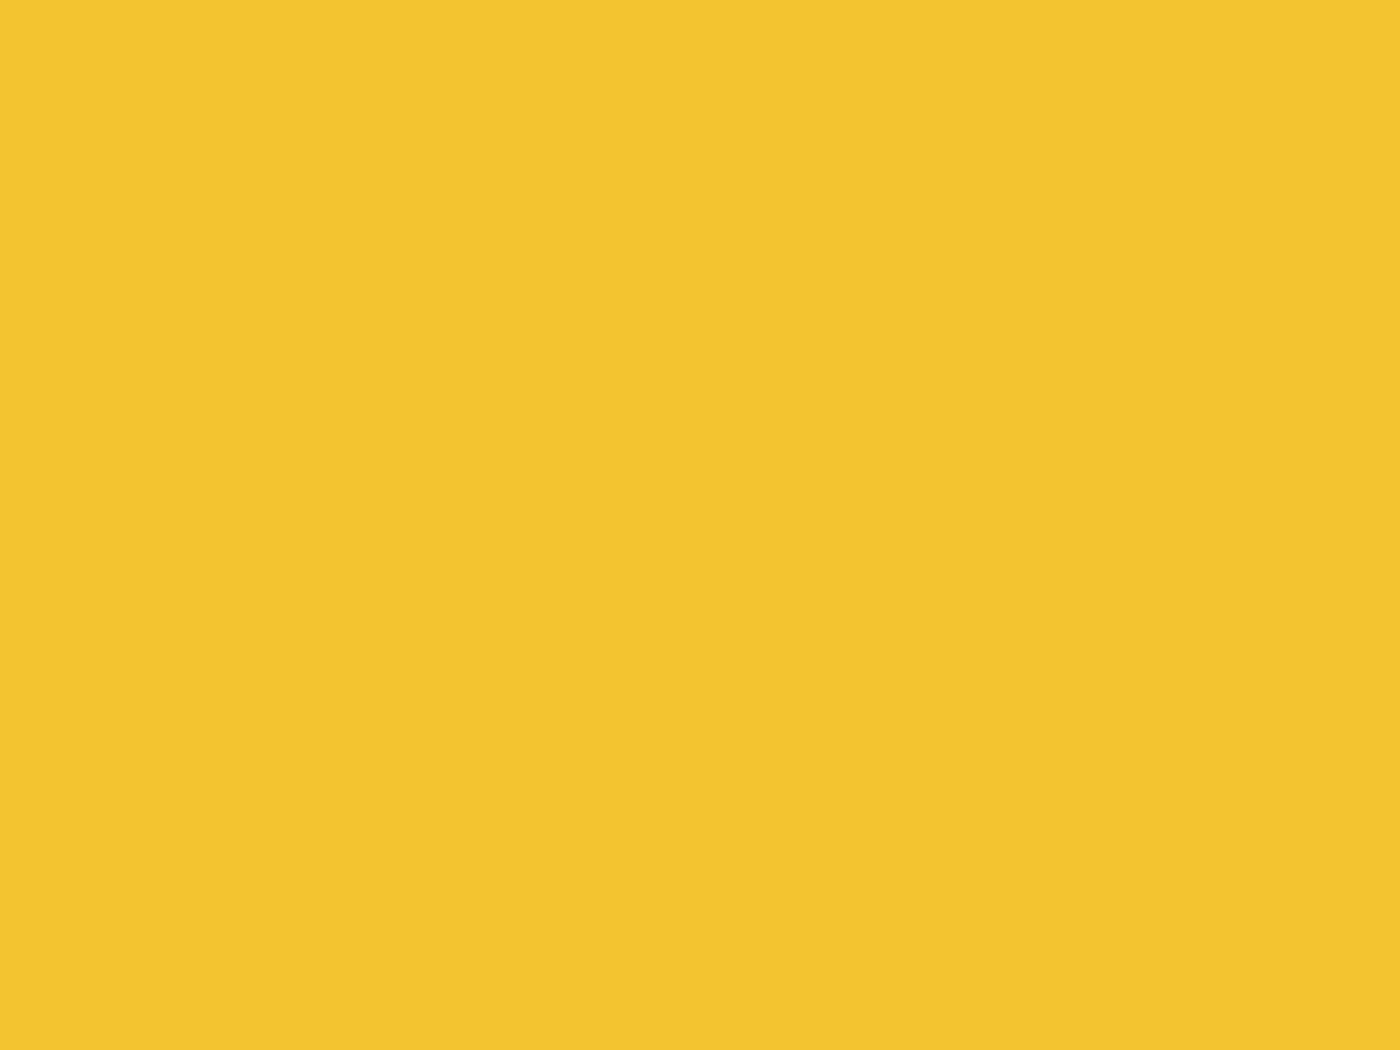 1400x1050 Saffron Solid Color Background